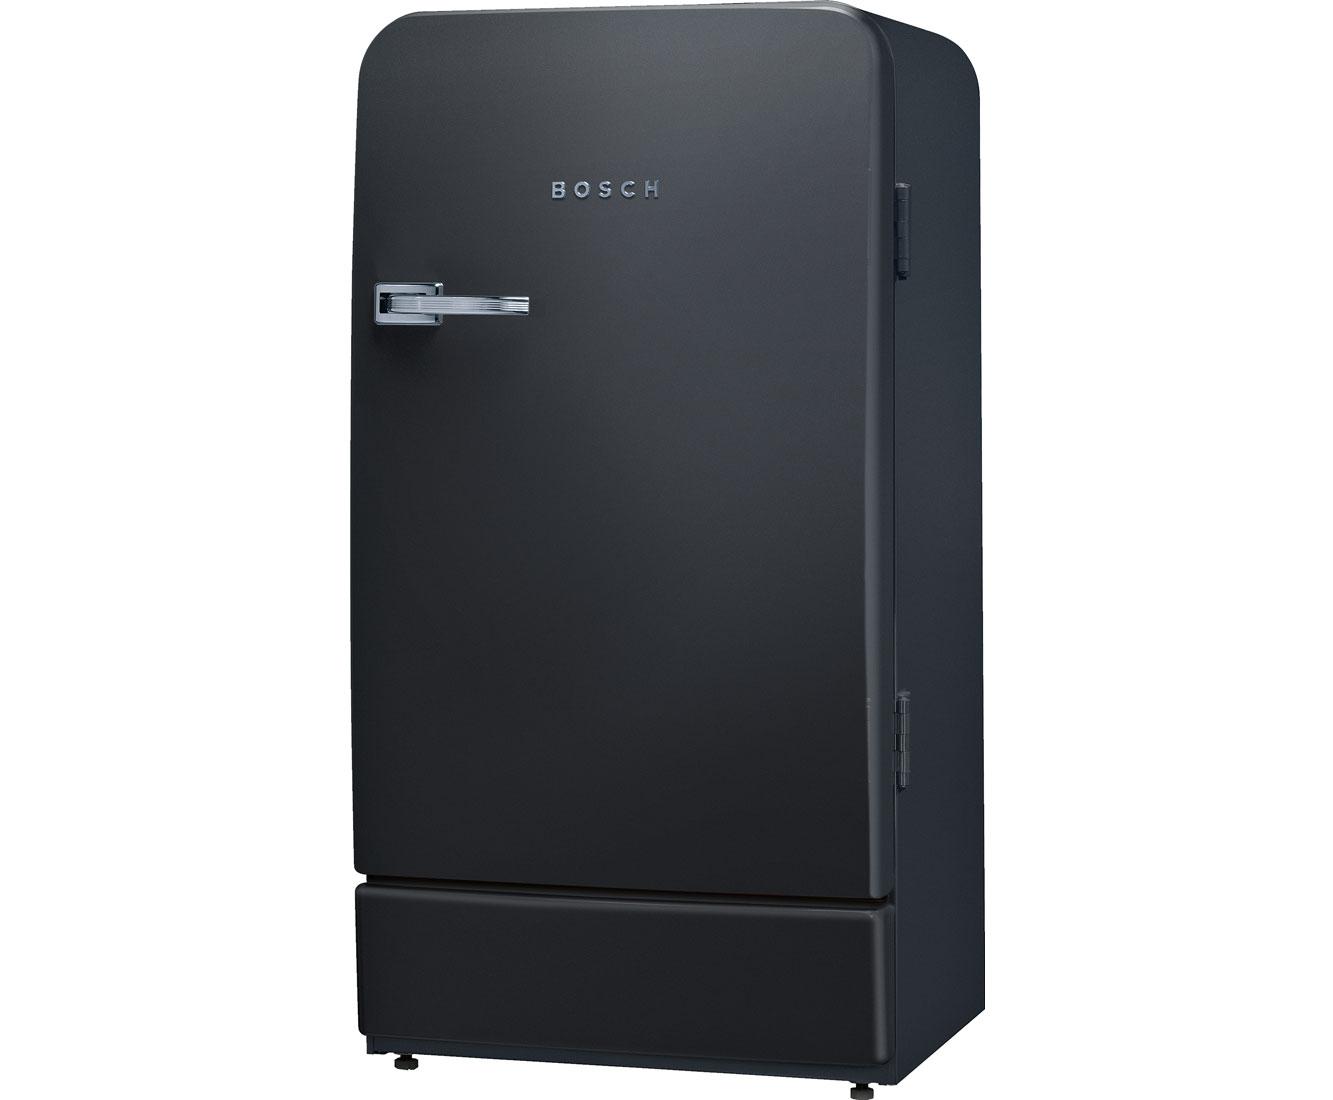 Bosch Kühlschrank Classic Edition Gebraucht : Bosch ksl ab kühlschrank mit gefrierfach schwarz a